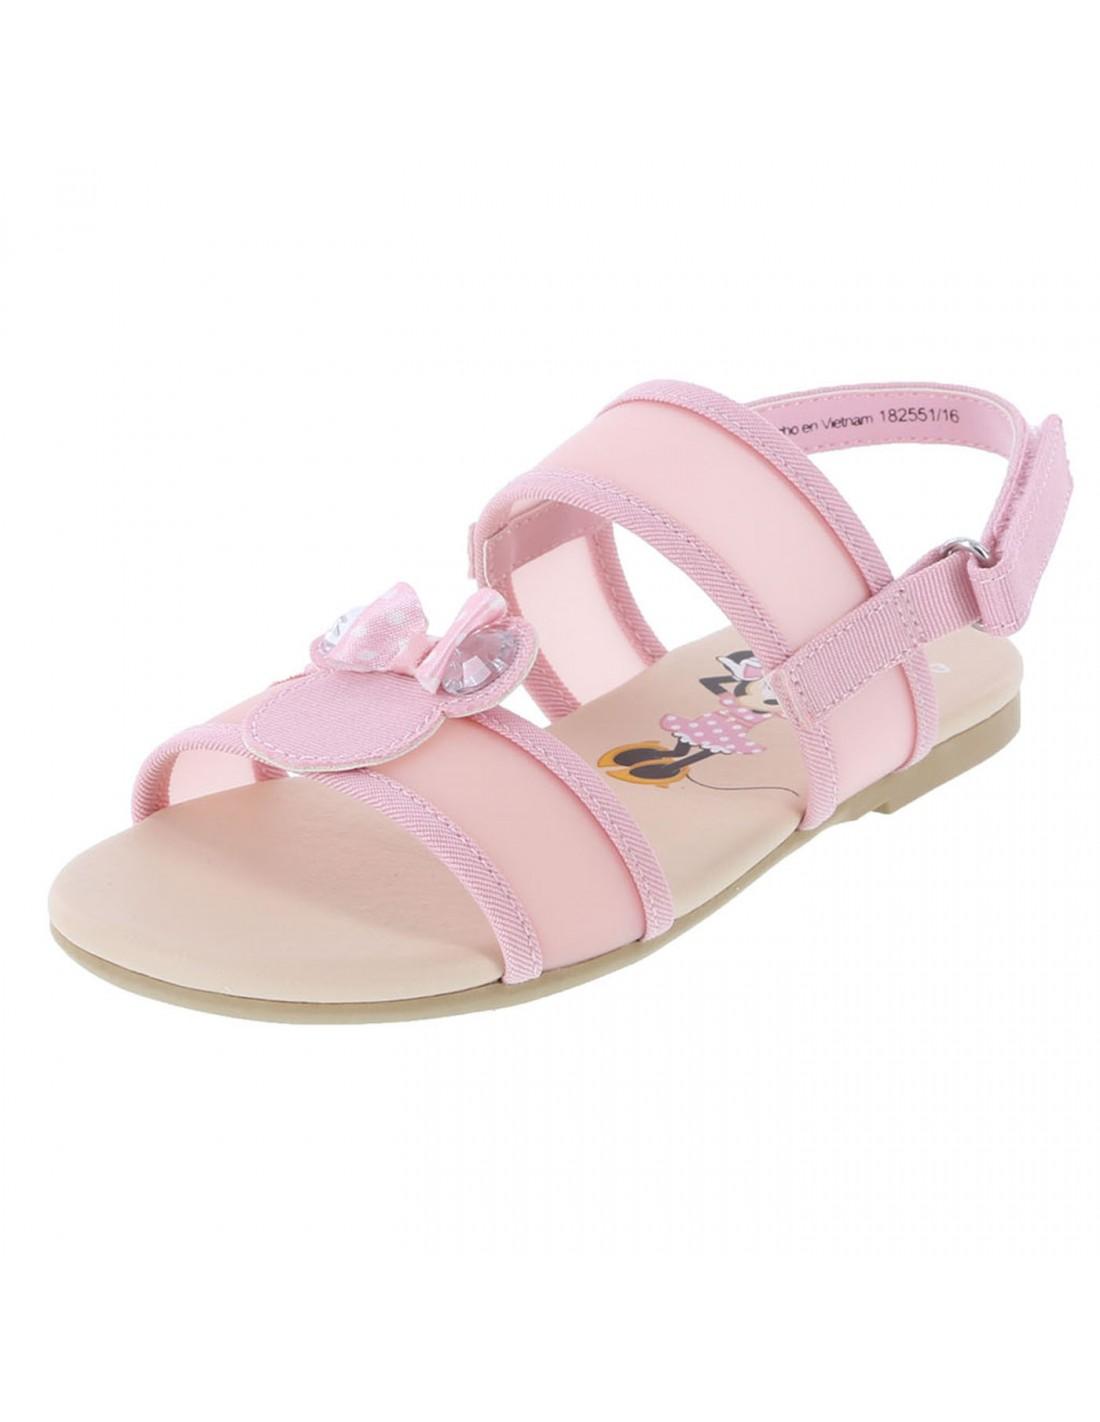 26911dc819 Sandalias Minnie Jewel para niñas pequeñas